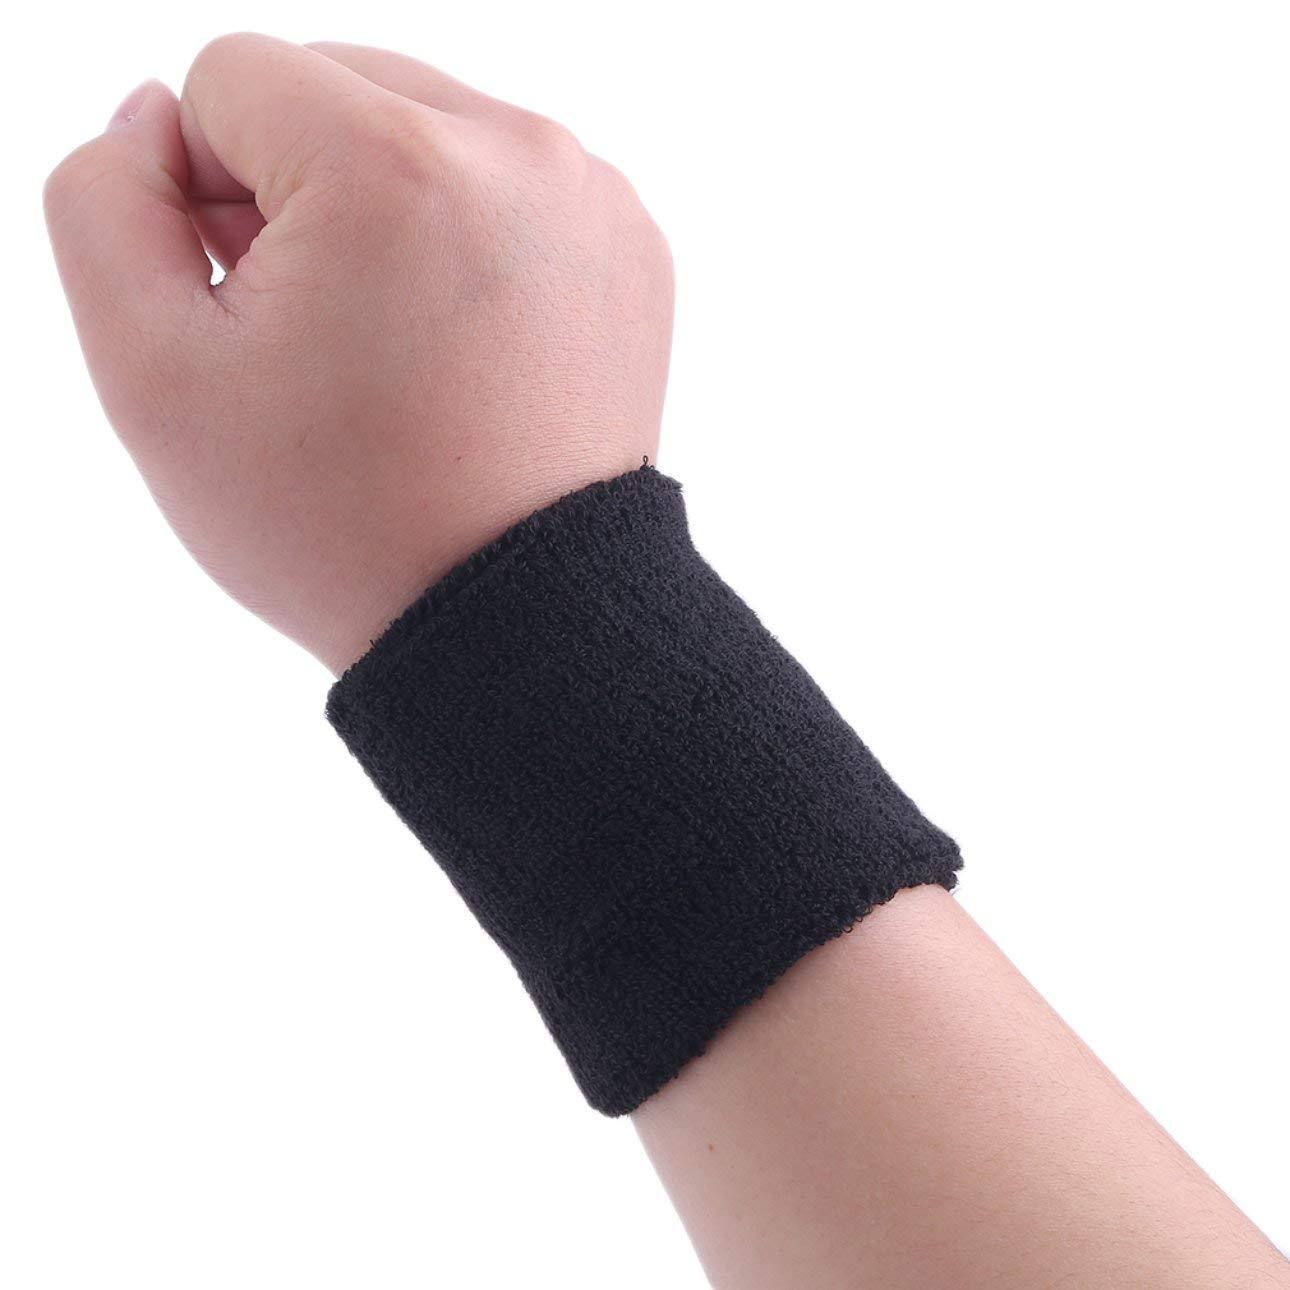 Pudincoco C/ómoda Absorci/ón de Sudor Deporte Gimnasio Mu/ñequera Algod/ón Unisex Tenis Baloncesto Alto Elastic Bracer Wrist Wrap